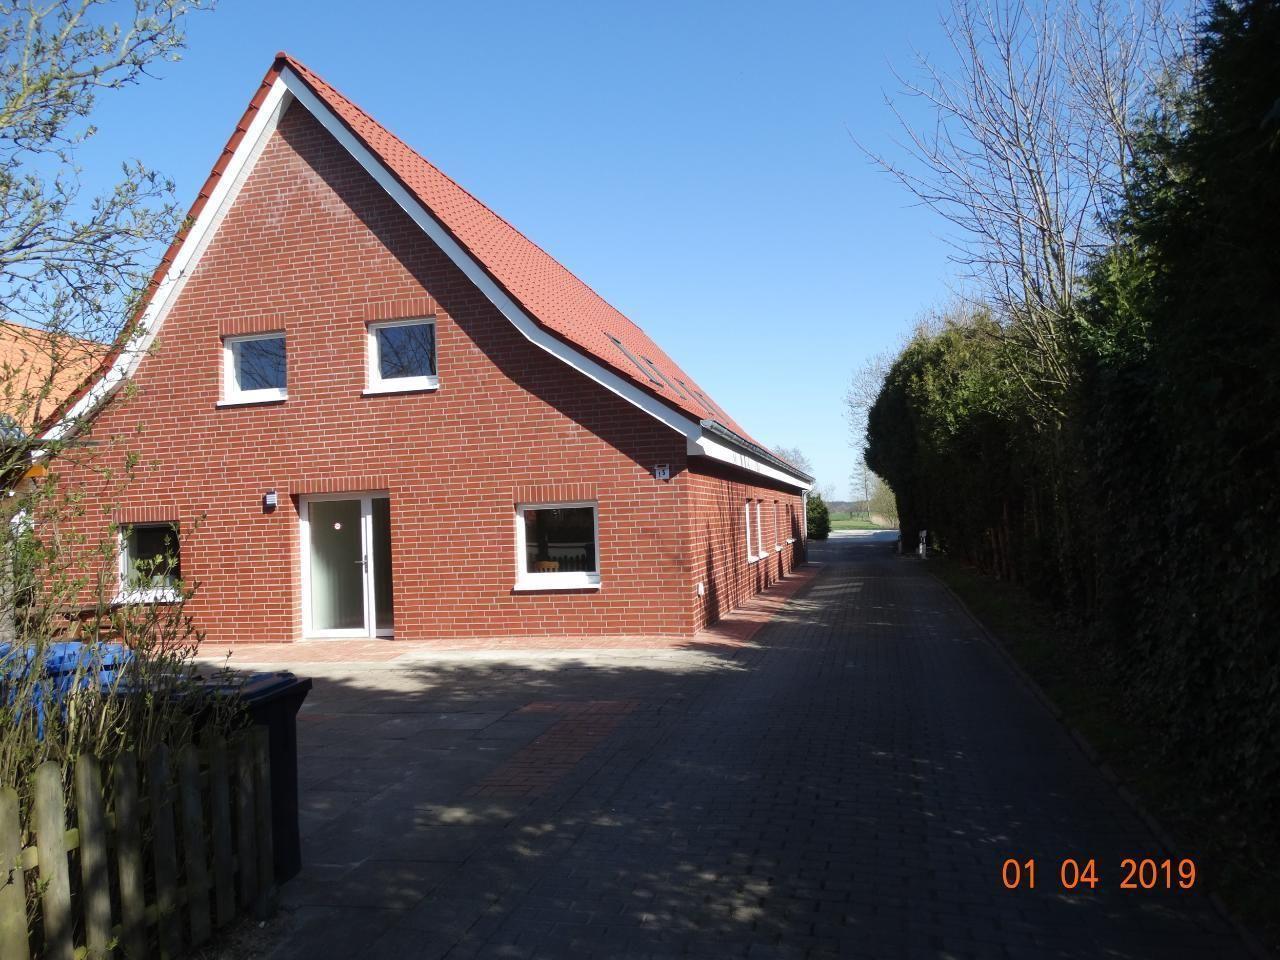 Ferienhaus Elli und Haus Aue-Oase Landkreis Cuxhav  in Deutschland